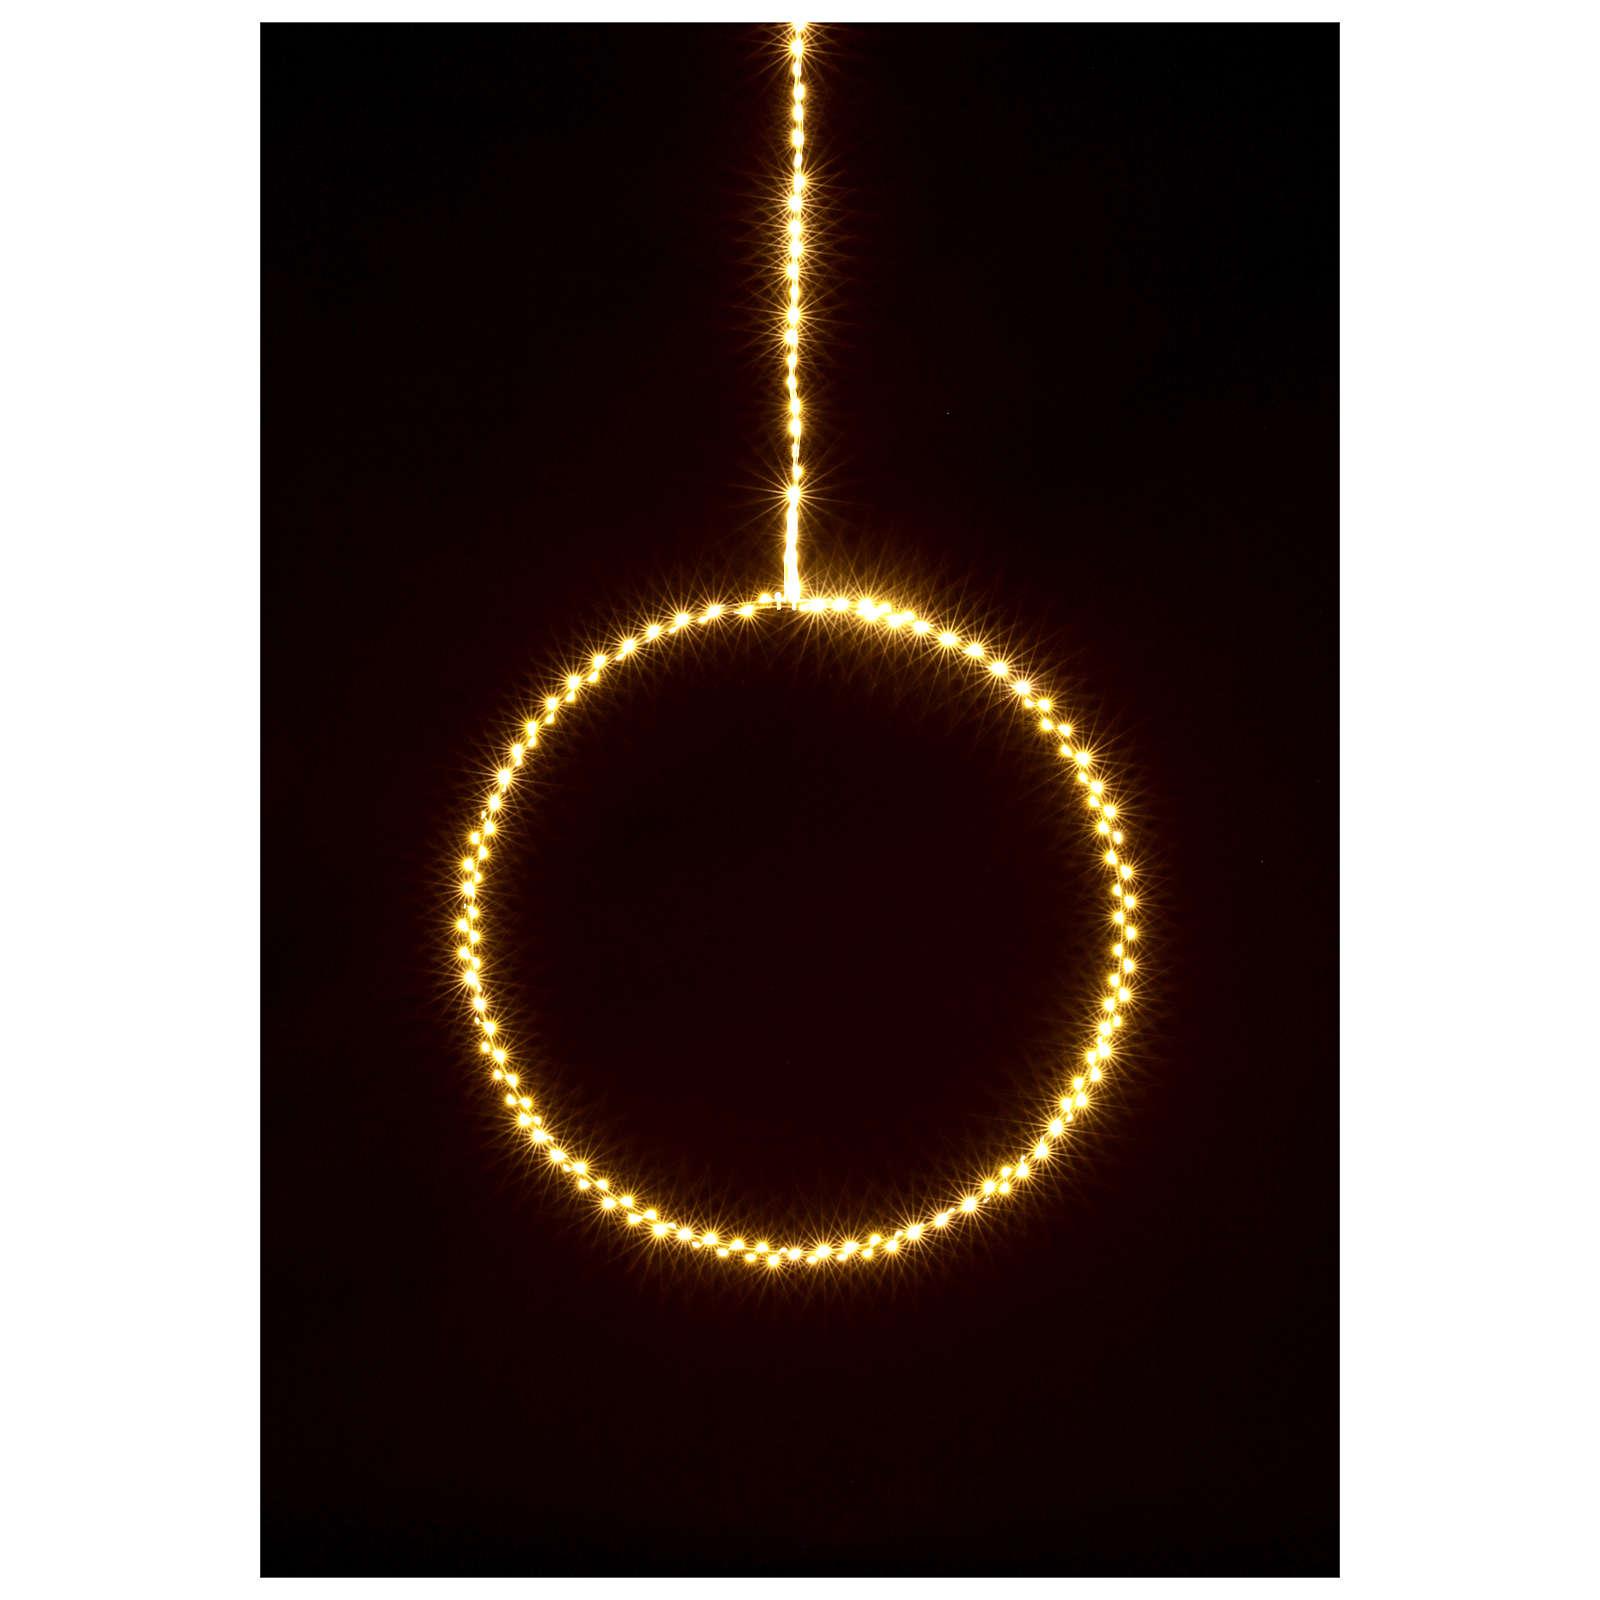 Anillo luminoso navideño gotas led blanco cálido d. 40 cm interior 220V 3